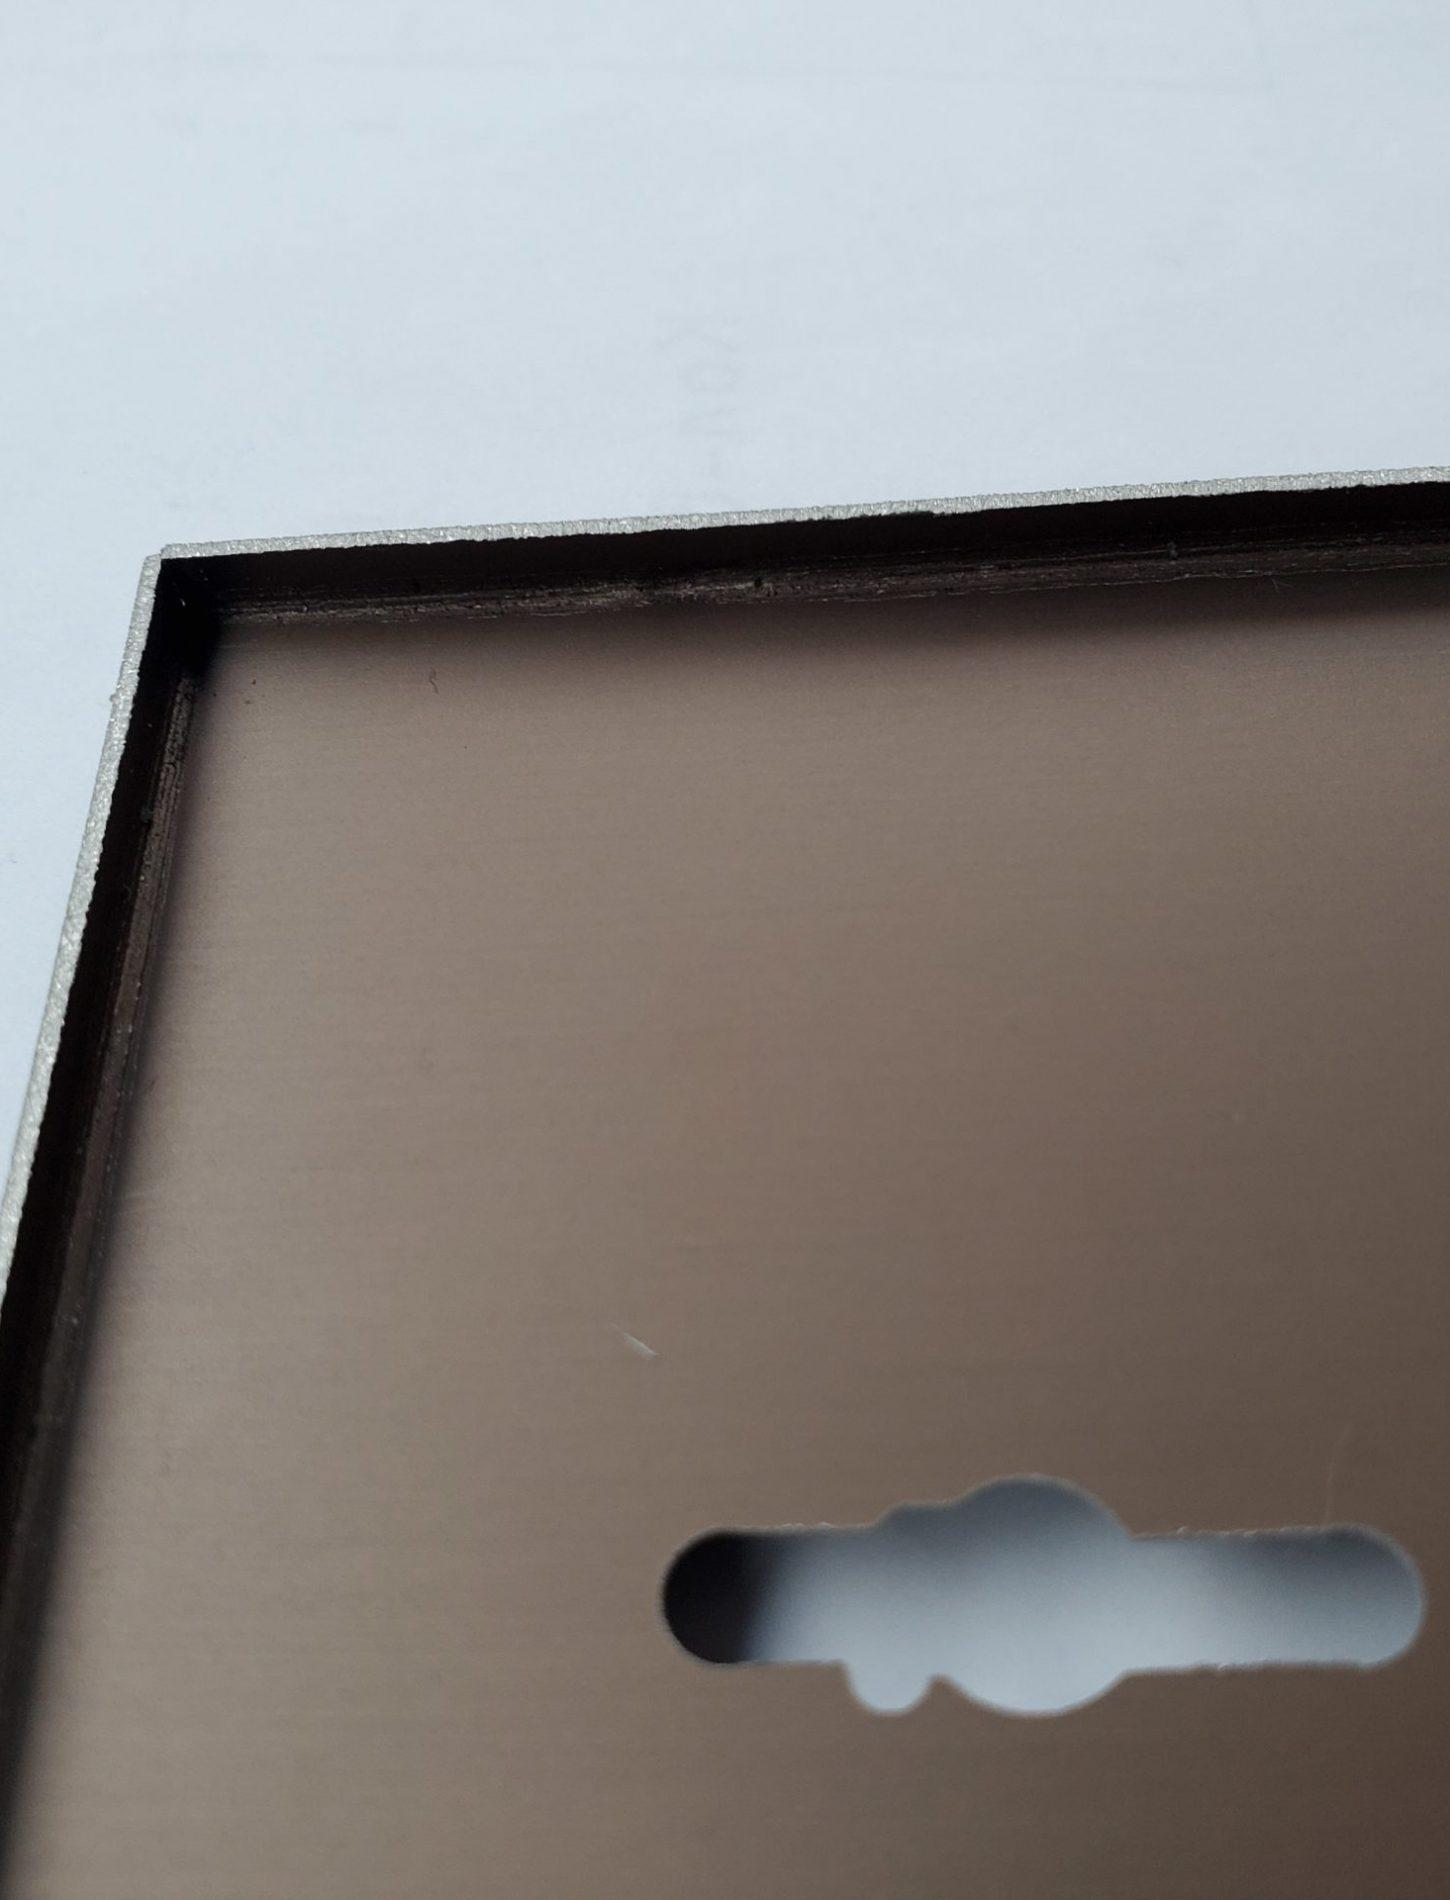 накладка из анодированного листа